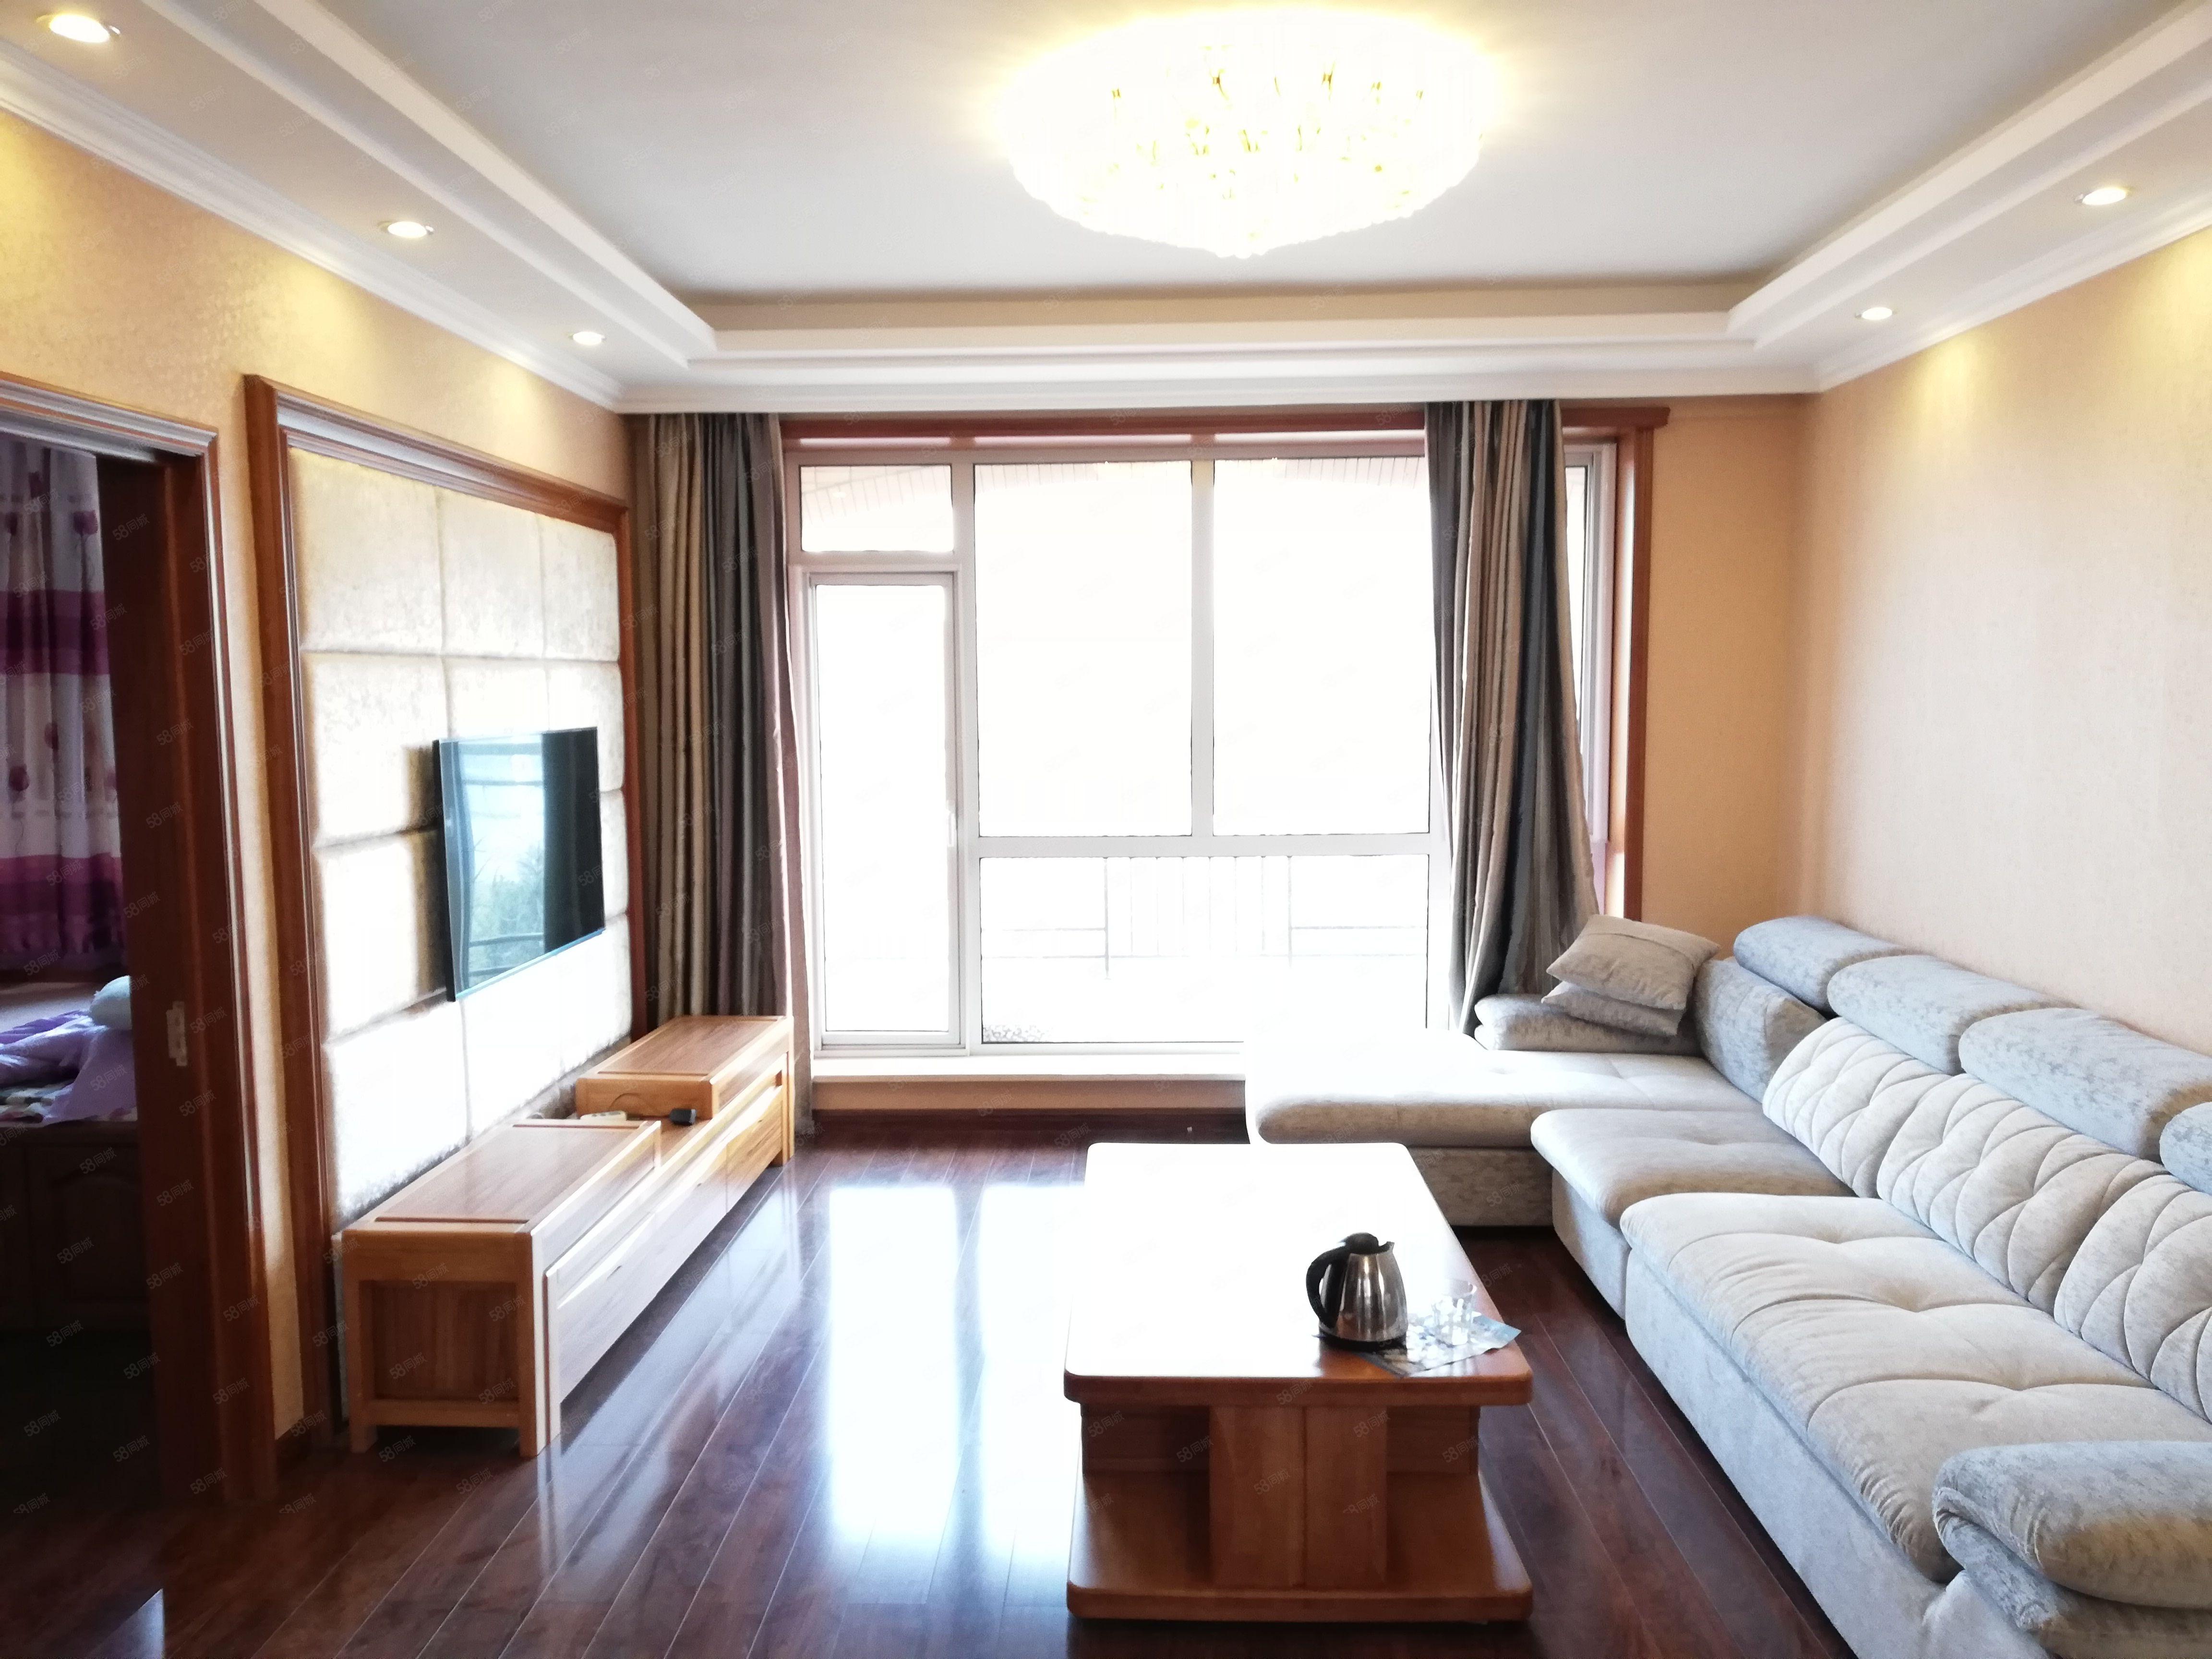 降价7万黄海明珠板正3室113平经典楼层二适合各类人群居住